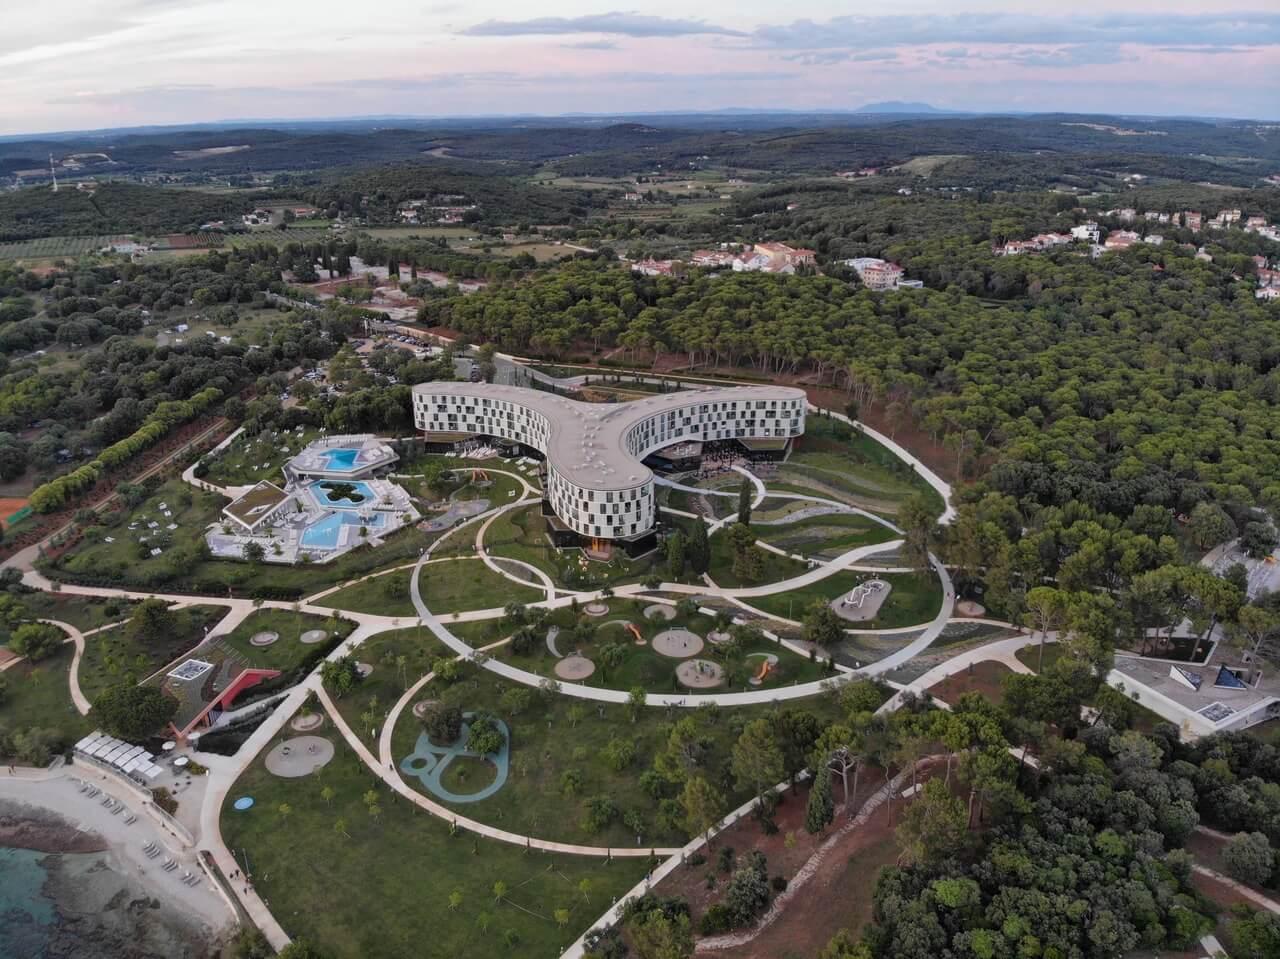 Hotelanlage Family Hotel Amarin in Rovinj, Kroatien